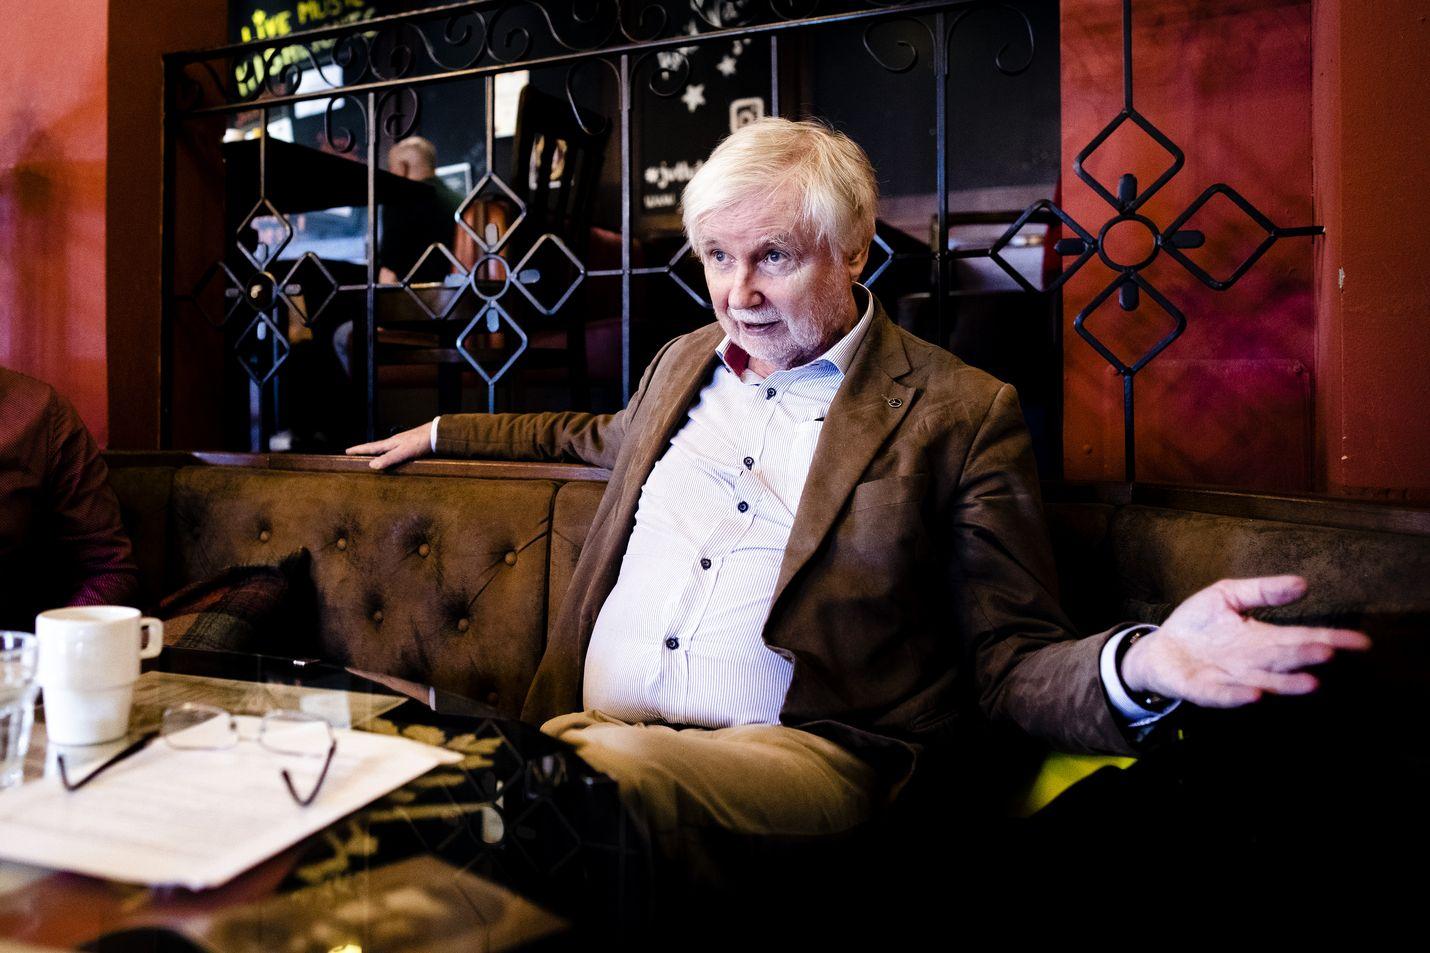 Entinen ulkoministeri Erkki Tuomioja (sd) lataa tuoreessa kirjassaan kovaa tekstiä puolueen entistä puheenjohtaja Paavo Lipposta kohtaan.